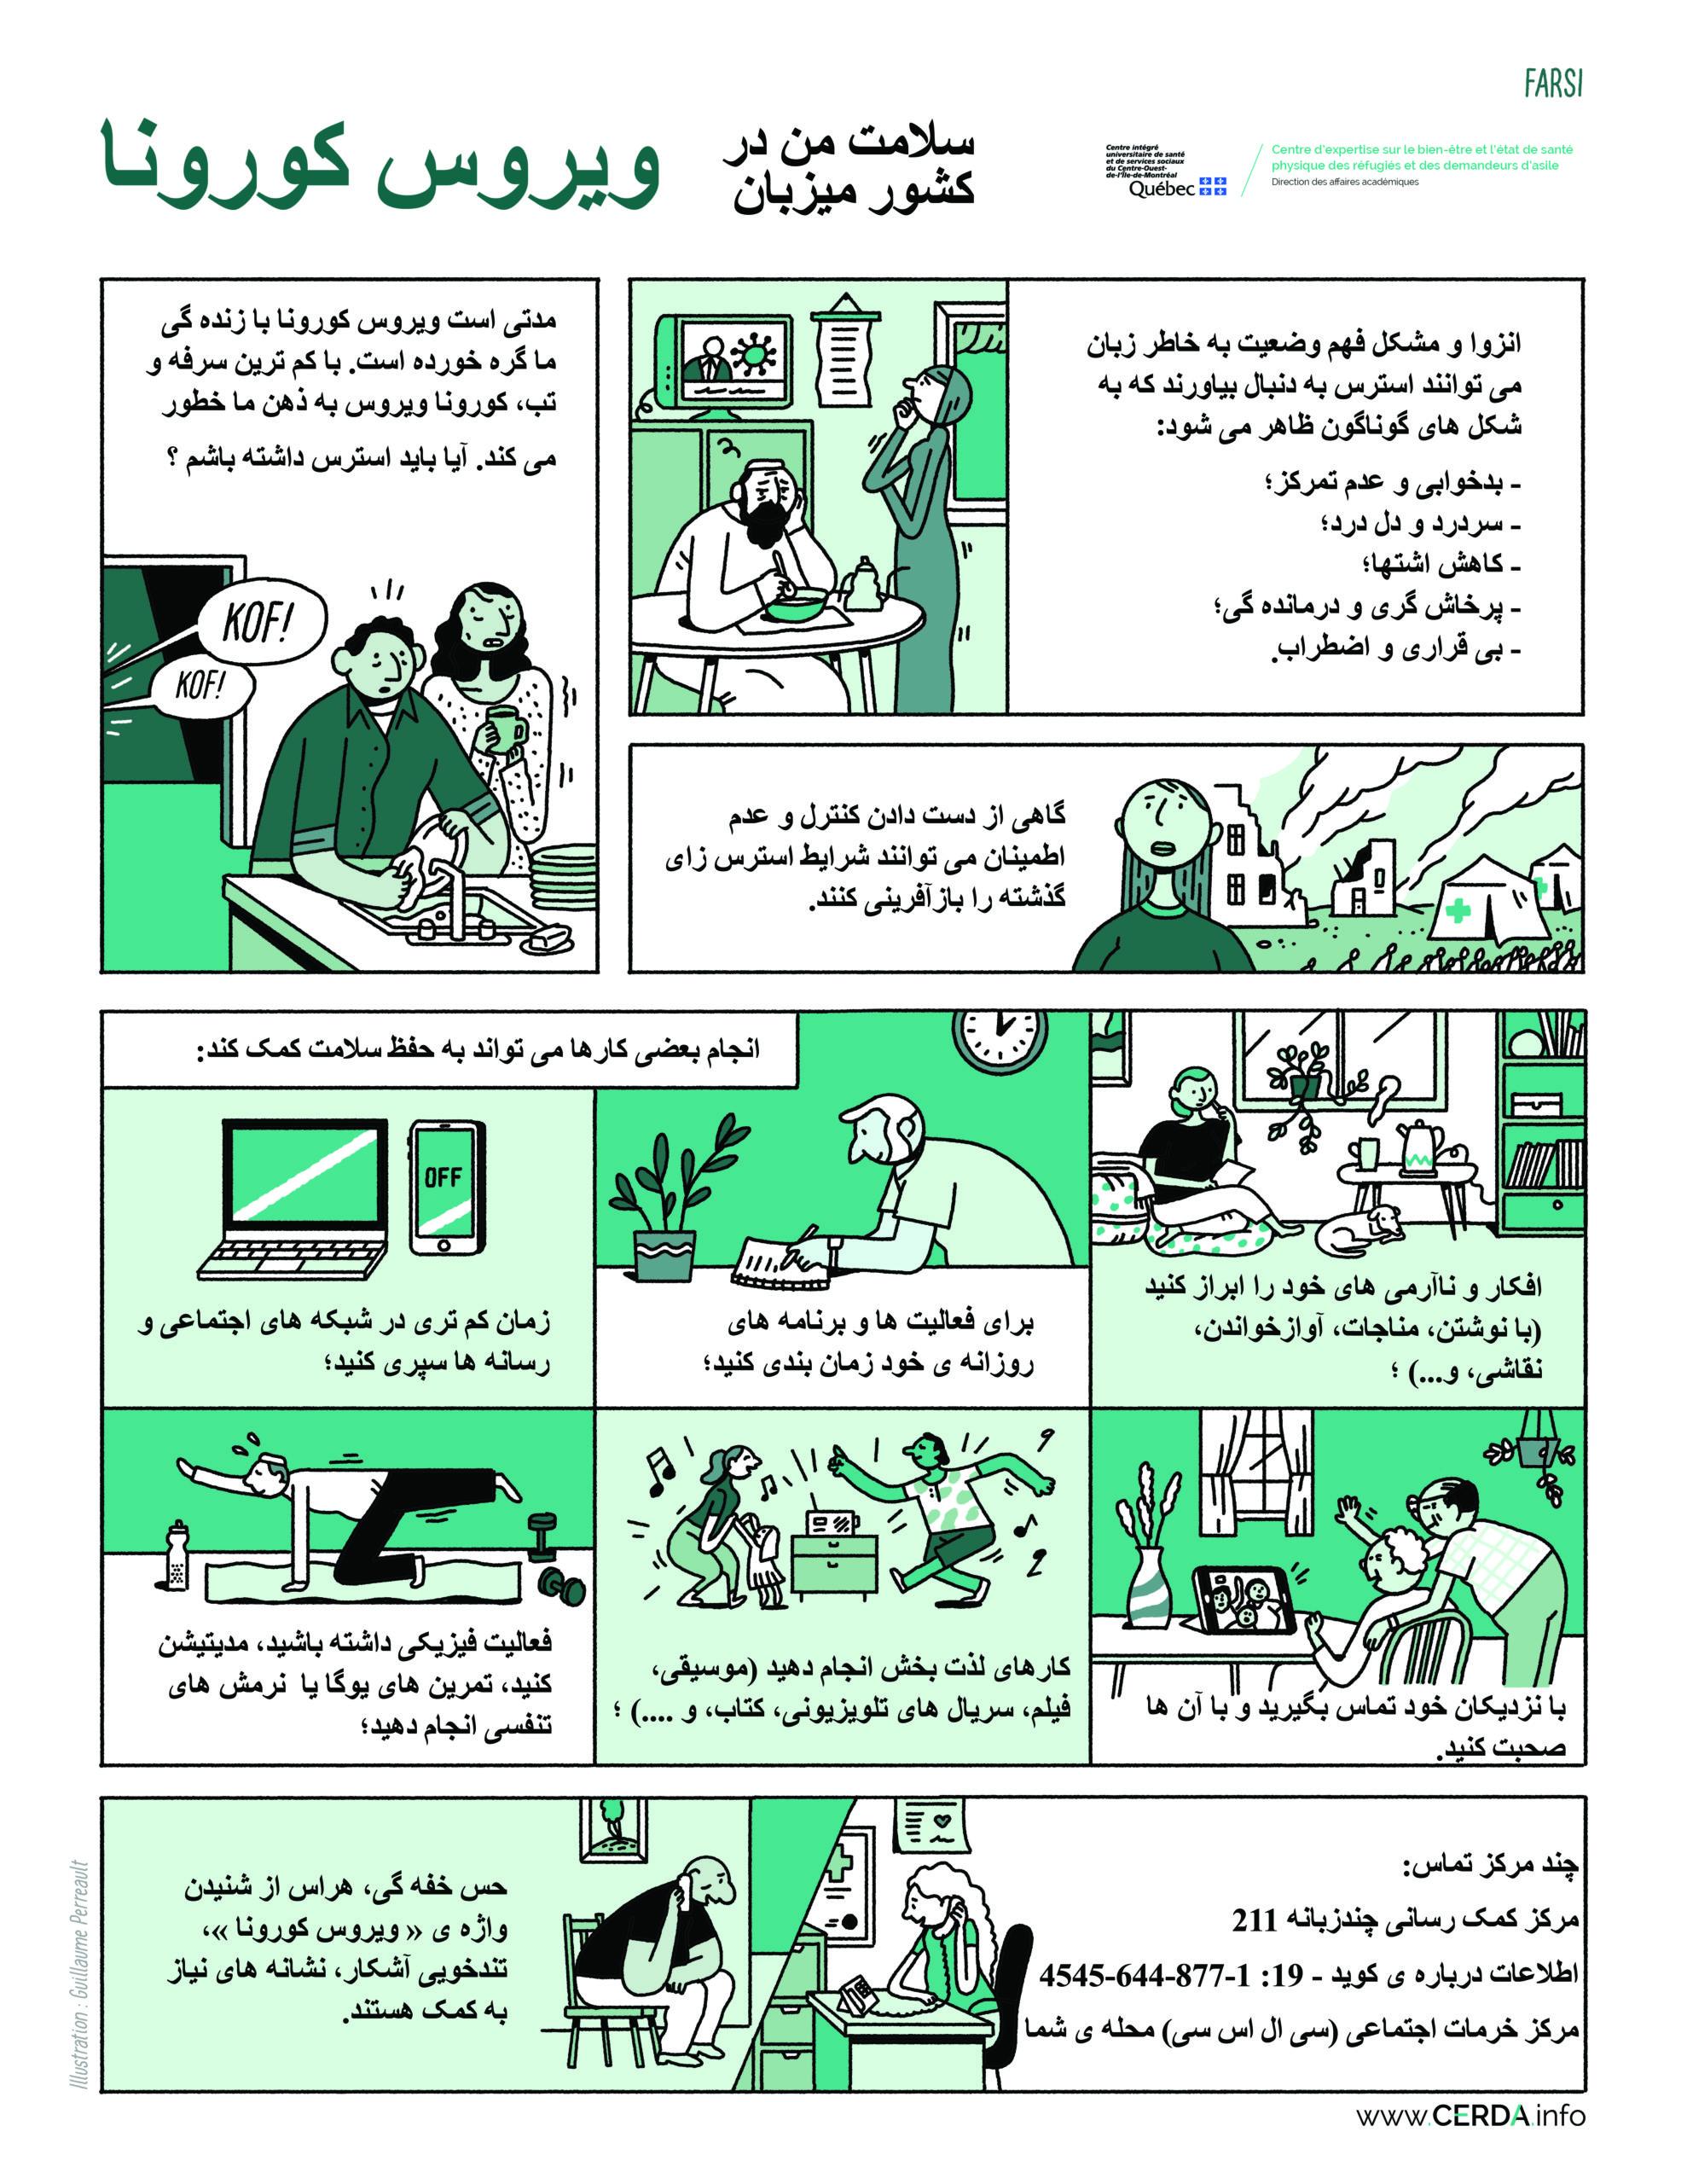 BD - Coronavirus, mon bien-être en terre d'accueil - Farsi